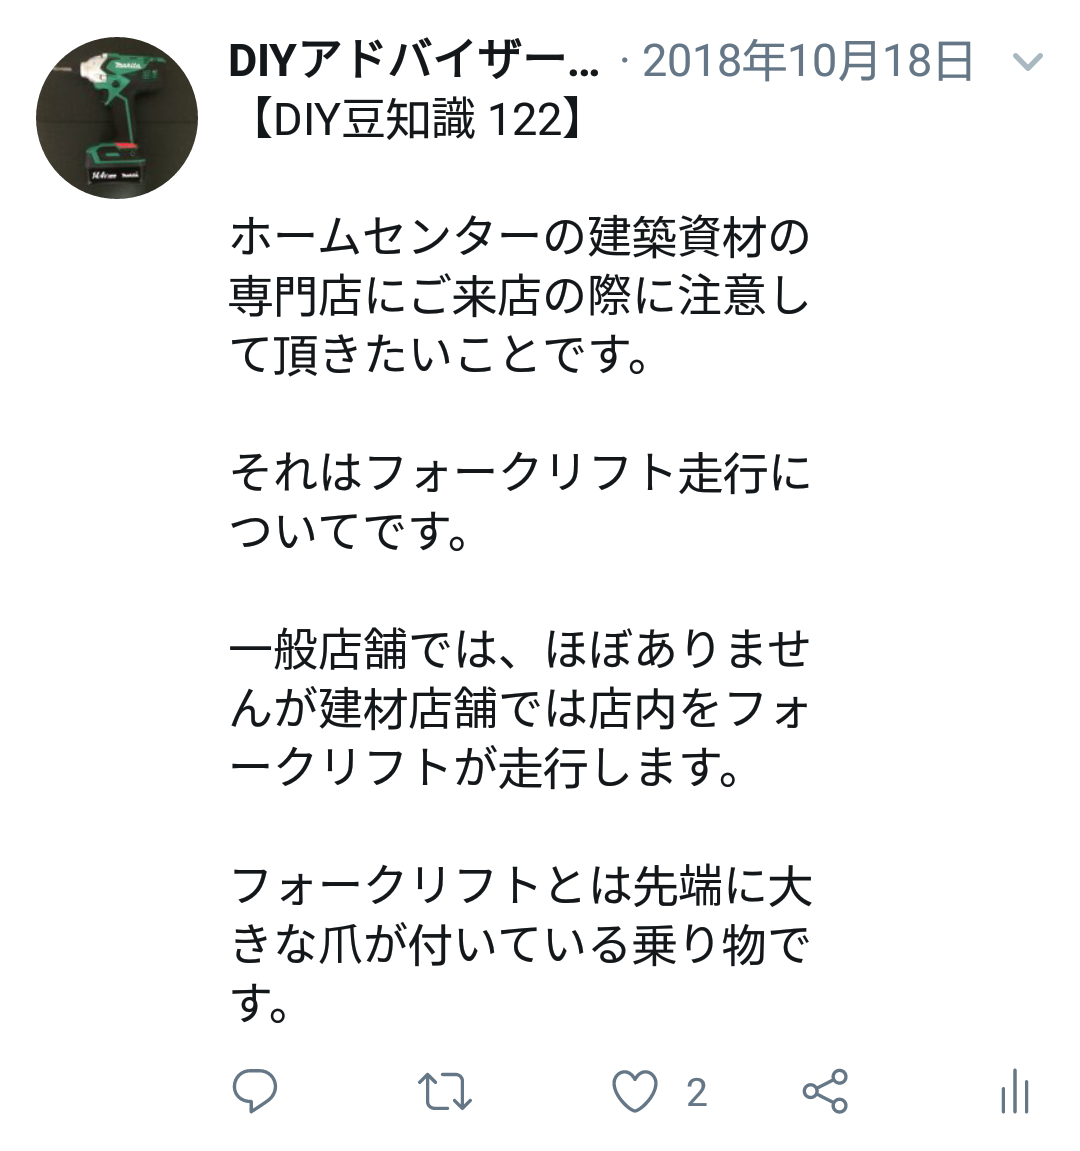 f:id:DIY33:20190406195738p:plain